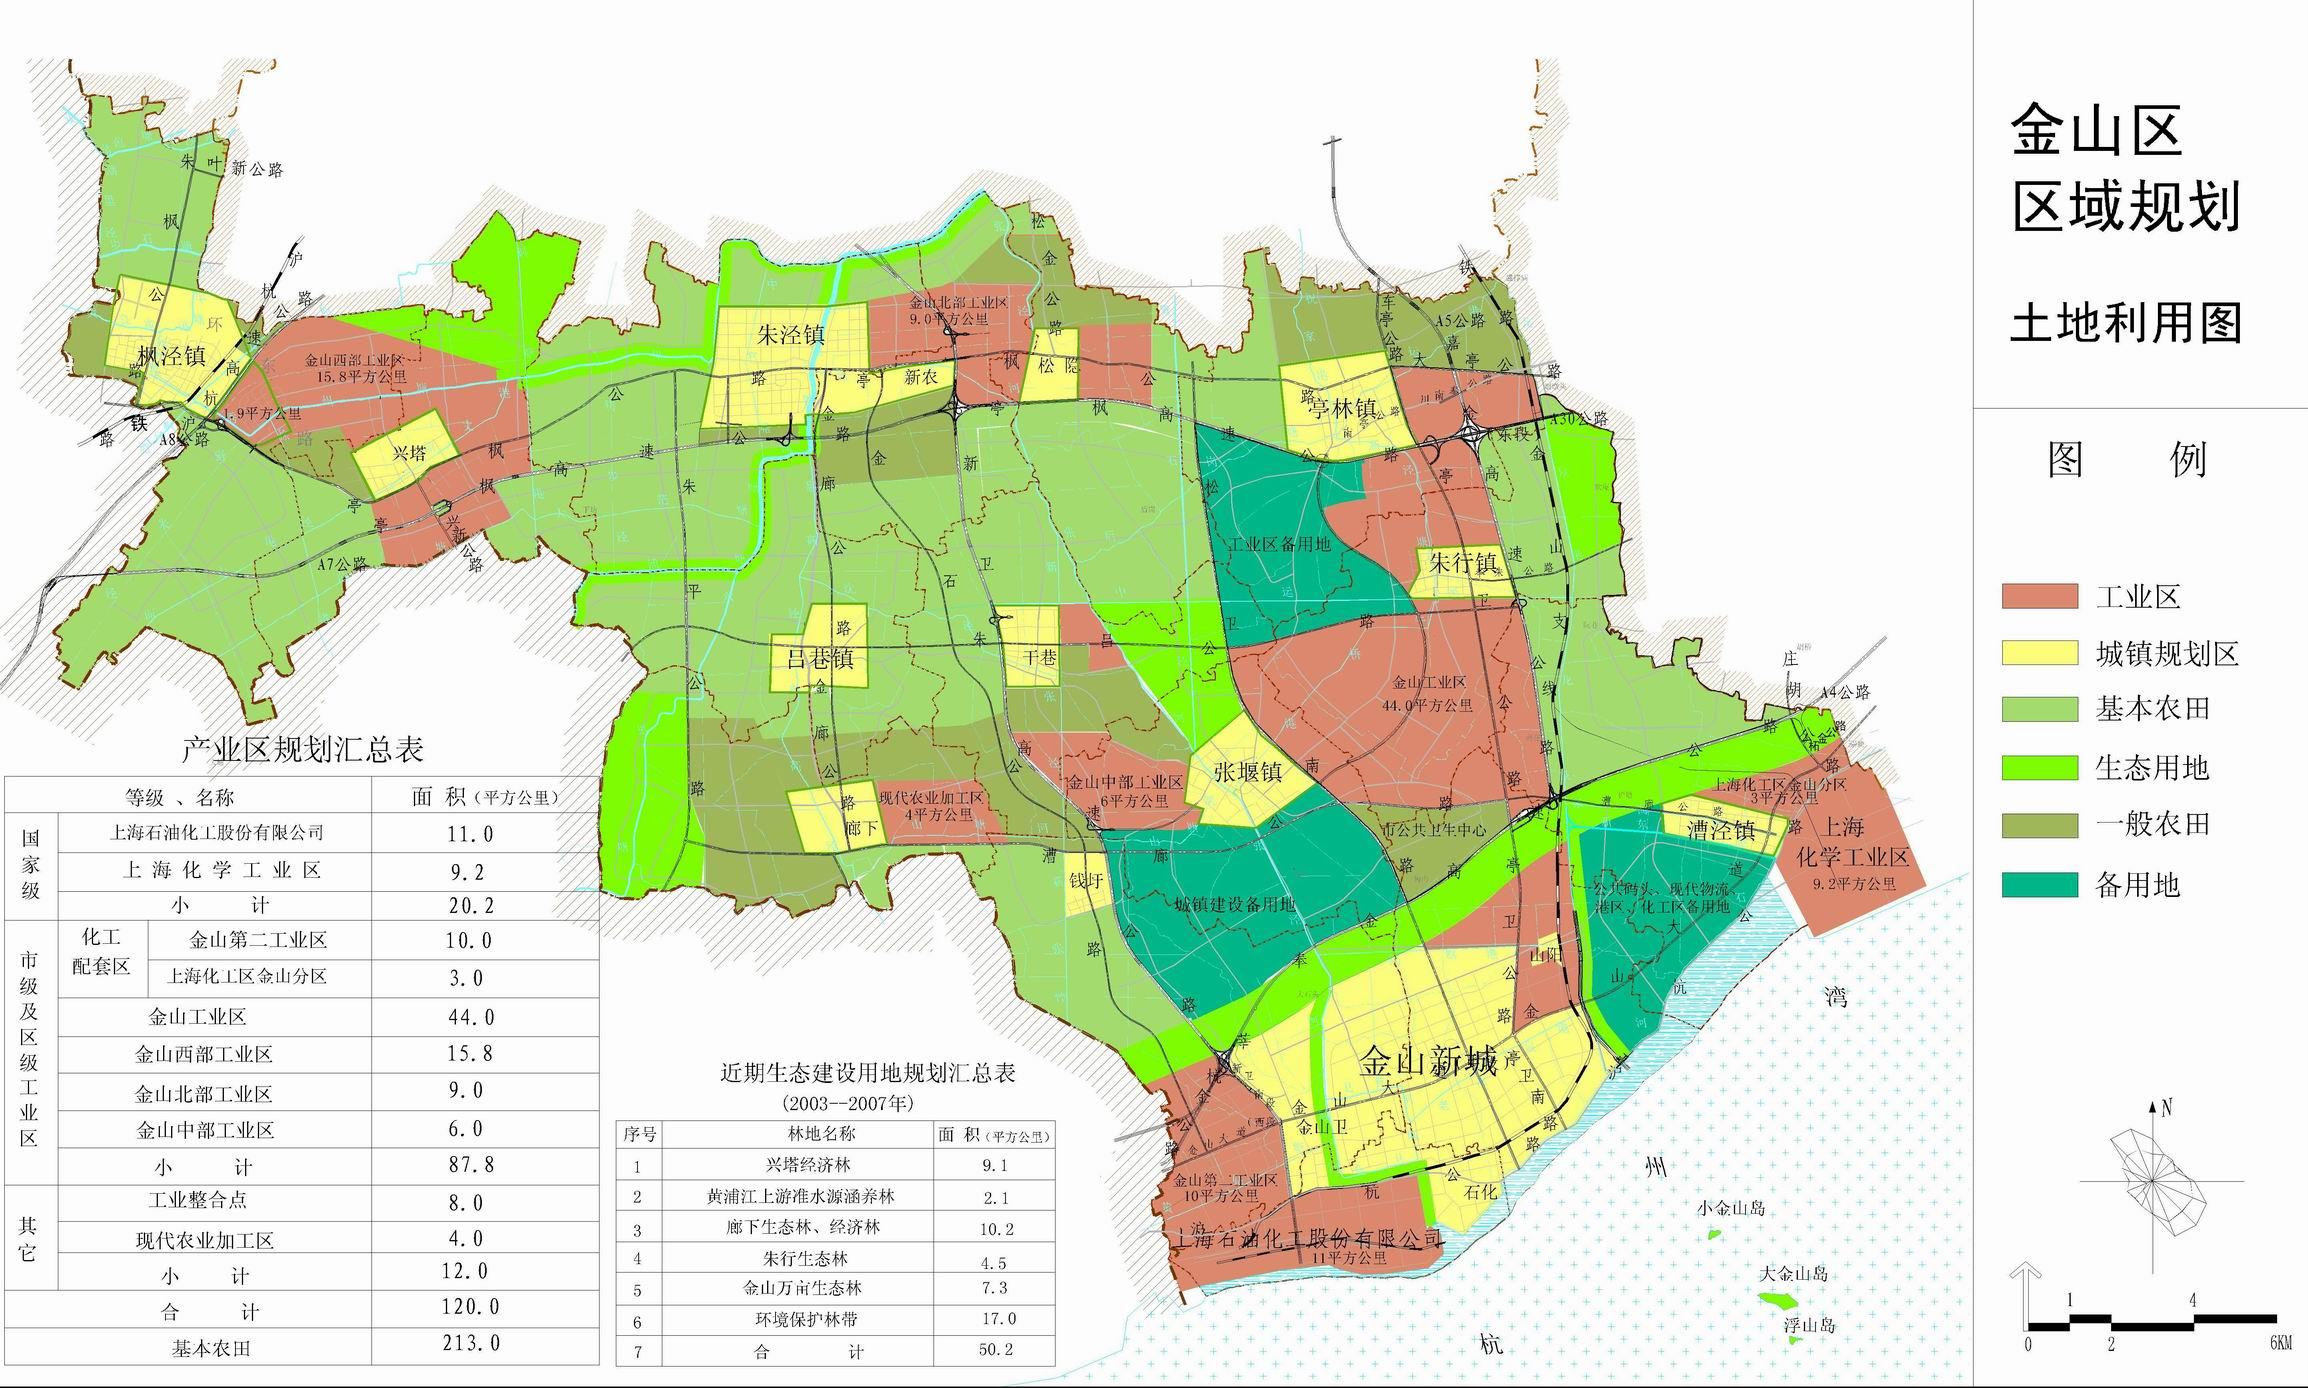 上海金山区现代农业发展总体规划